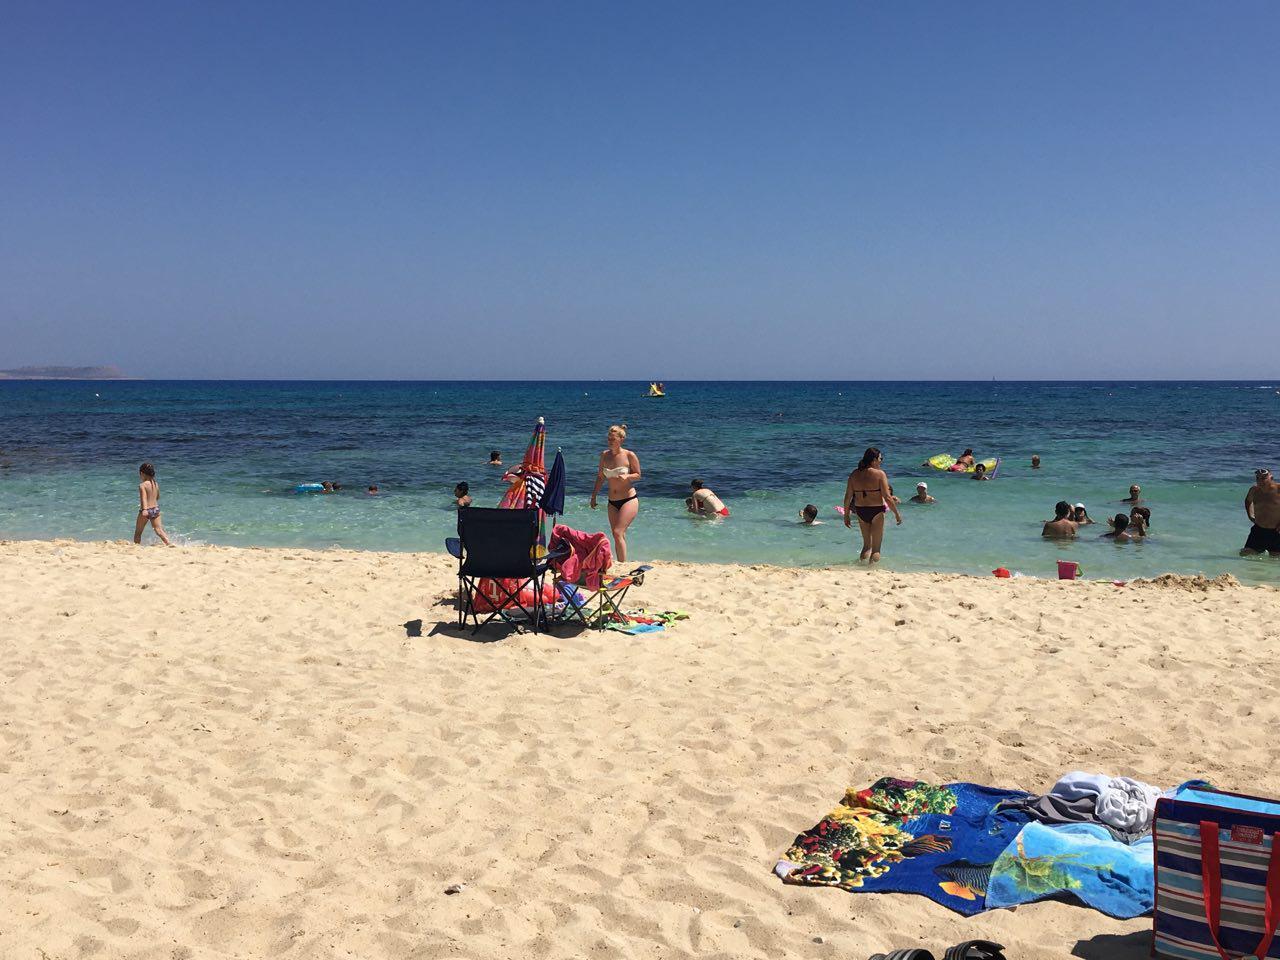 הקיץ הזה הוא כולו קפריסין: היעד המבוקש בקרב הישראלים